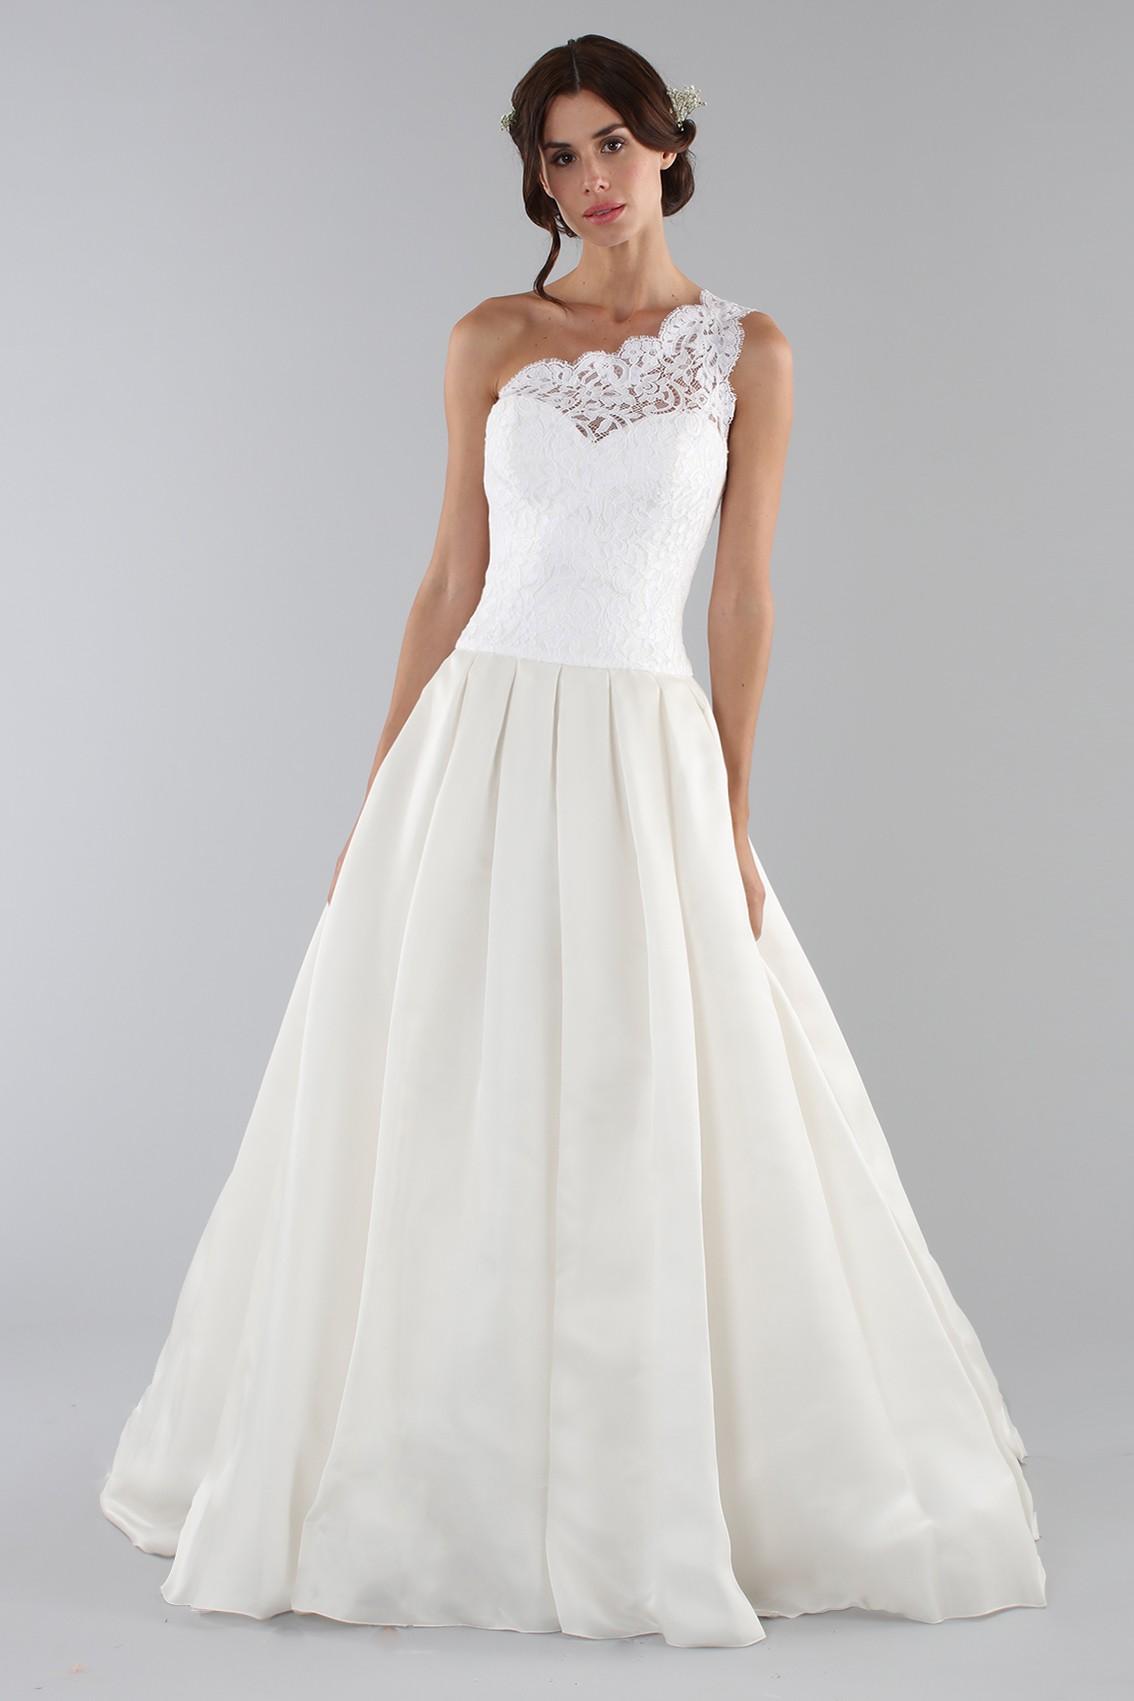 Noleggia un abito Ilenia Sweet by Bellantuono - Abito da sposa con ... 8d2218357f9